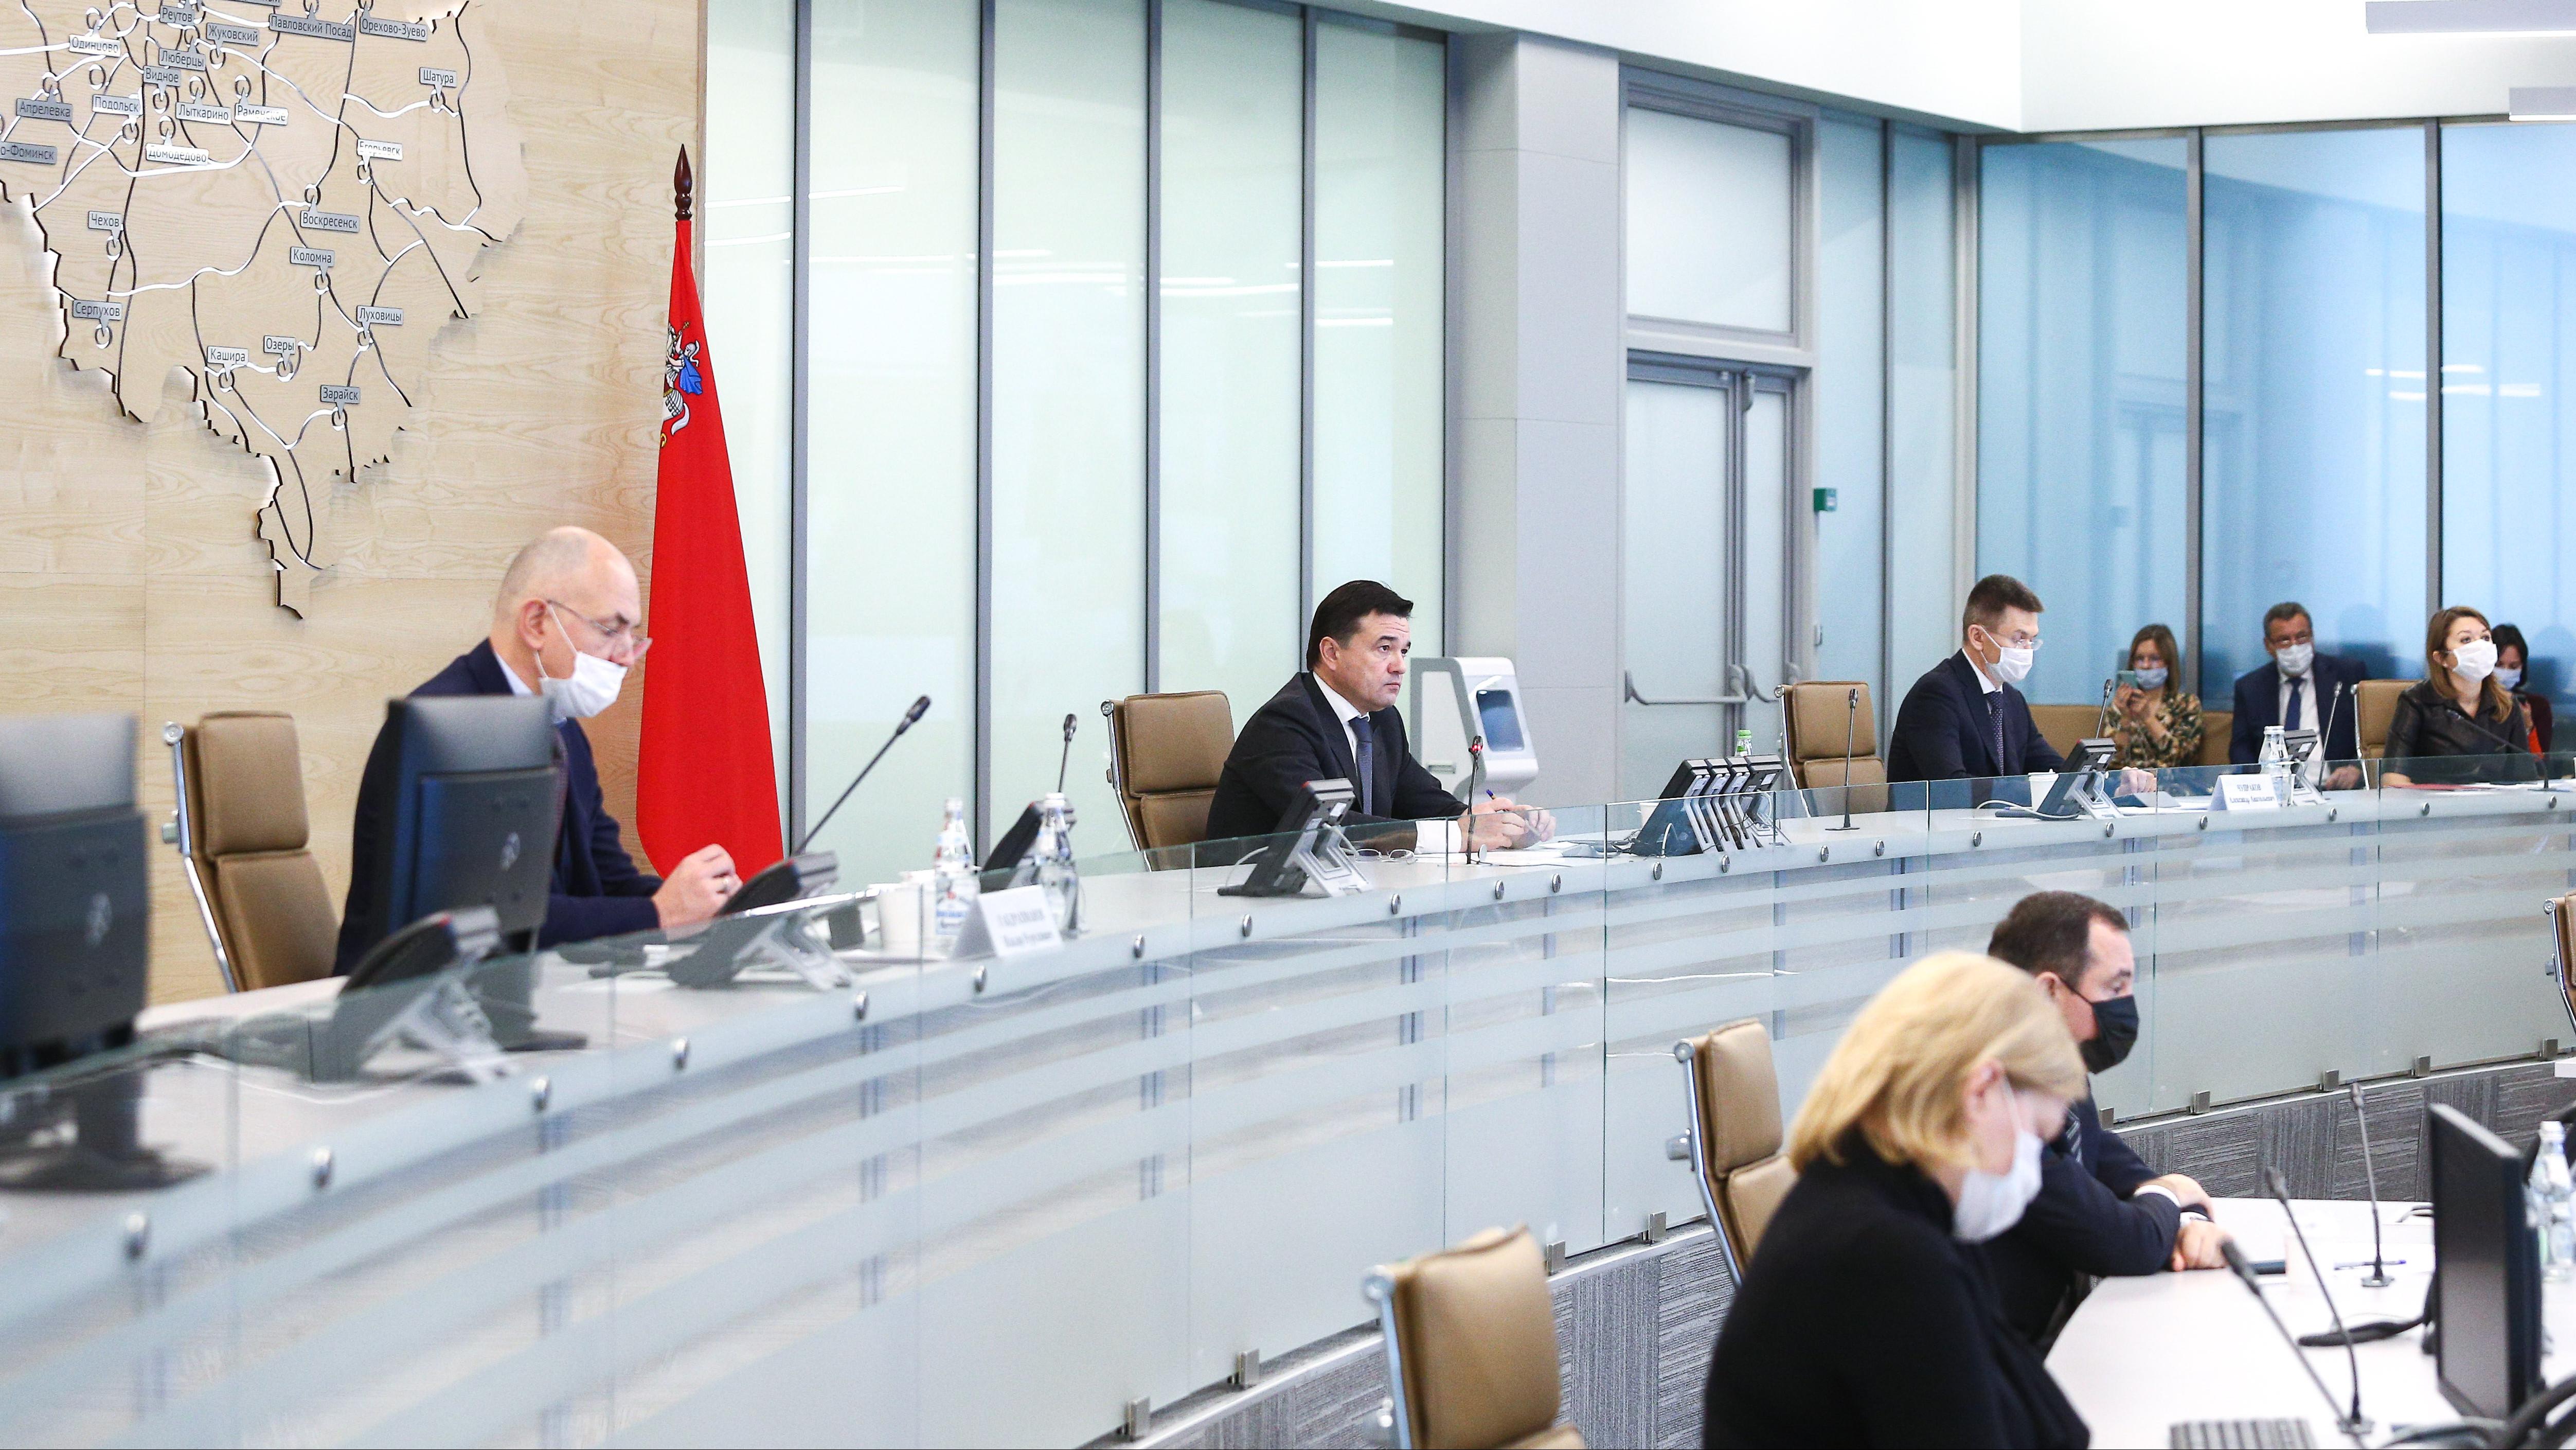 Андрей Воробьев провел совещание с членами правительства и главами округов